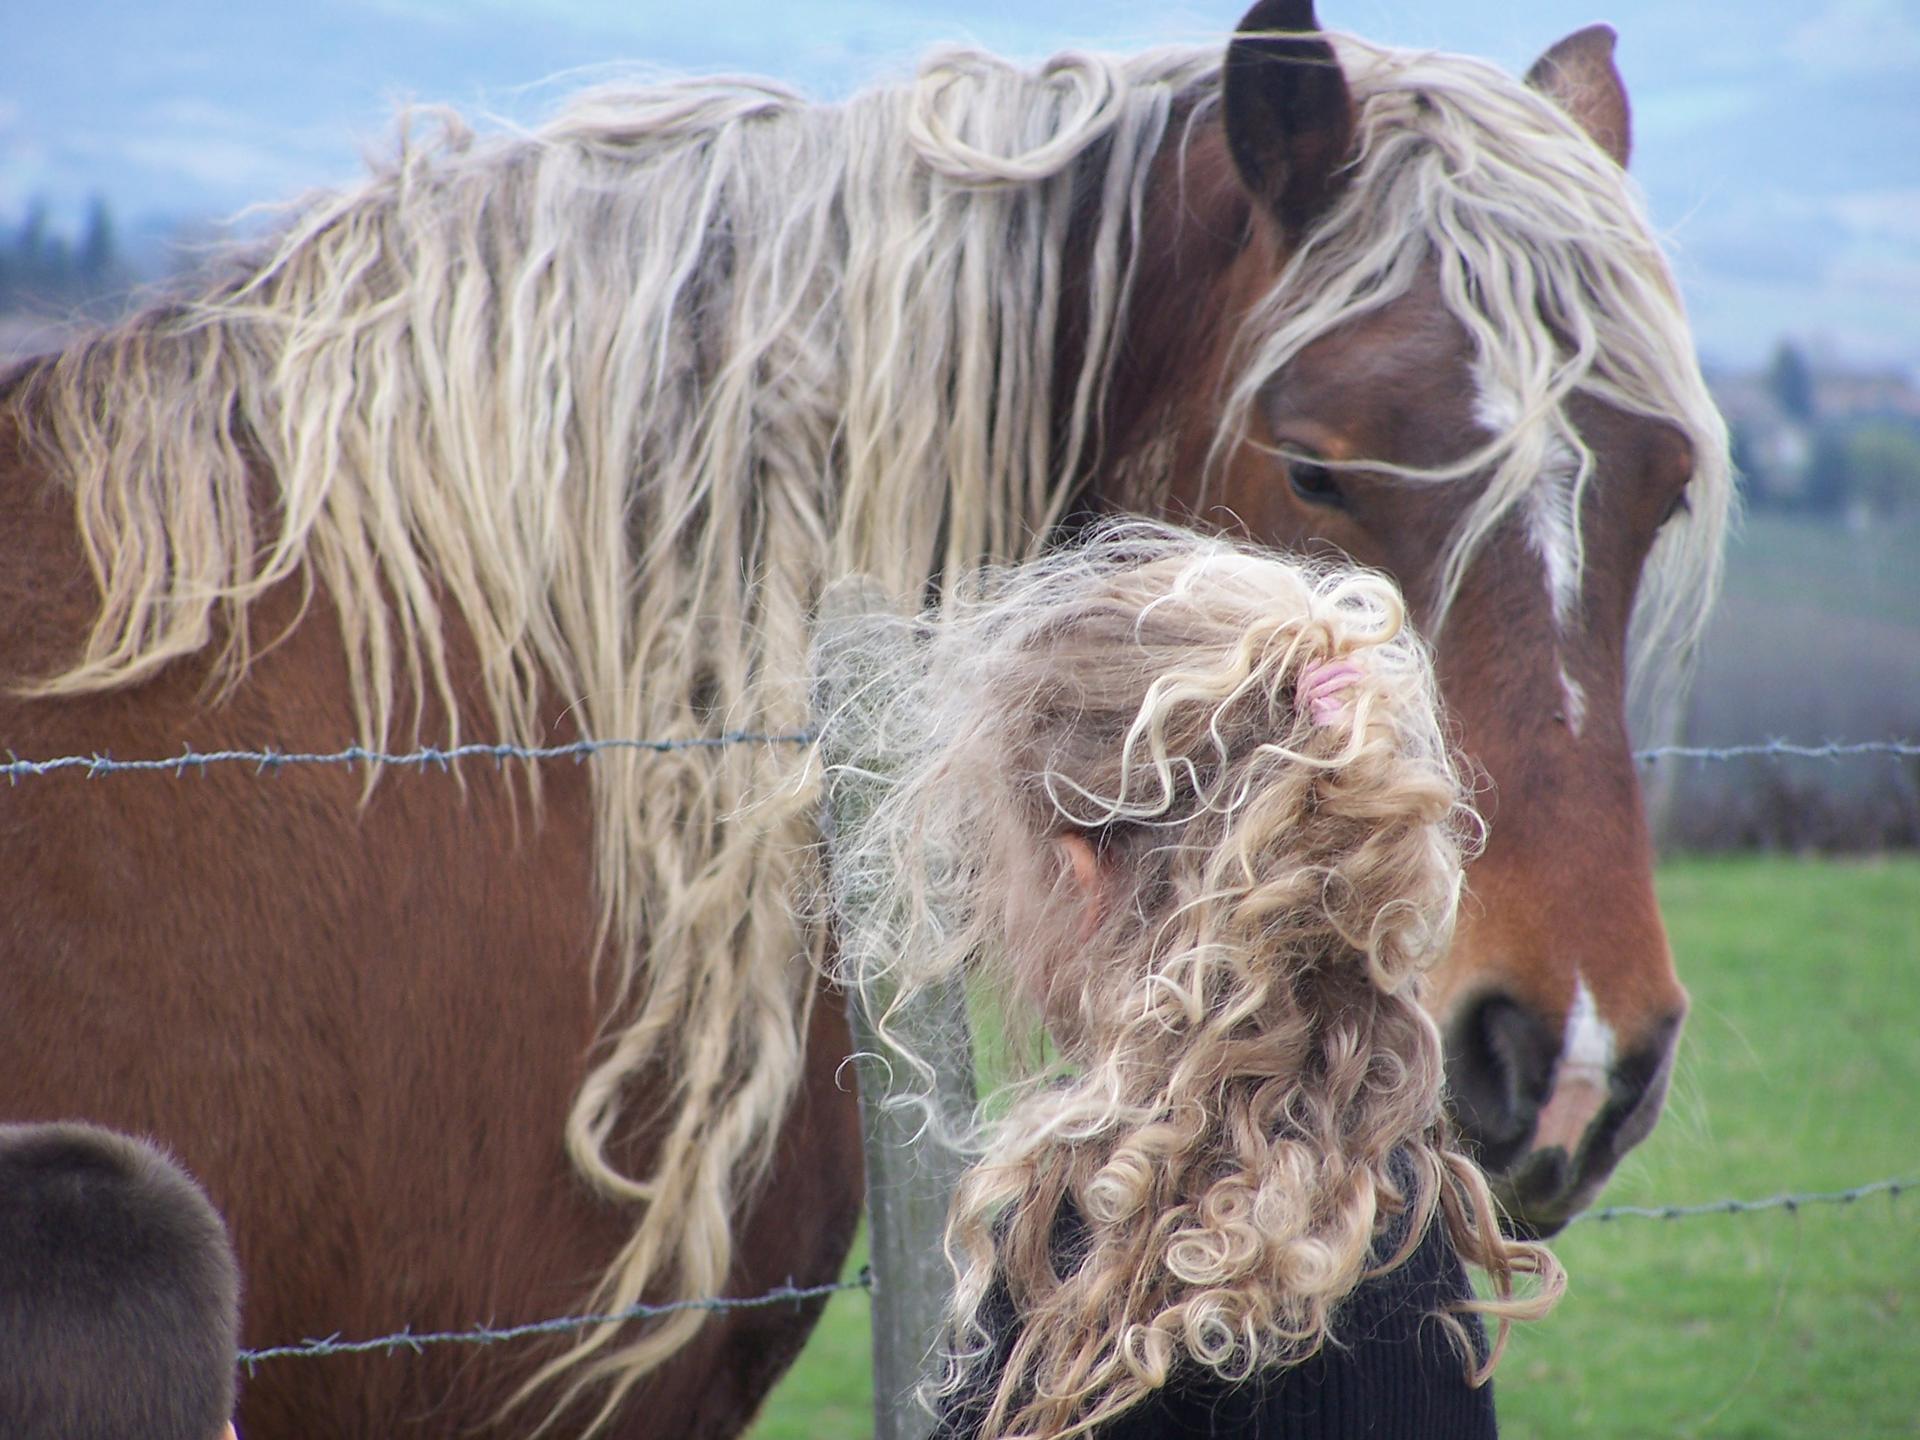 cheveux au vent